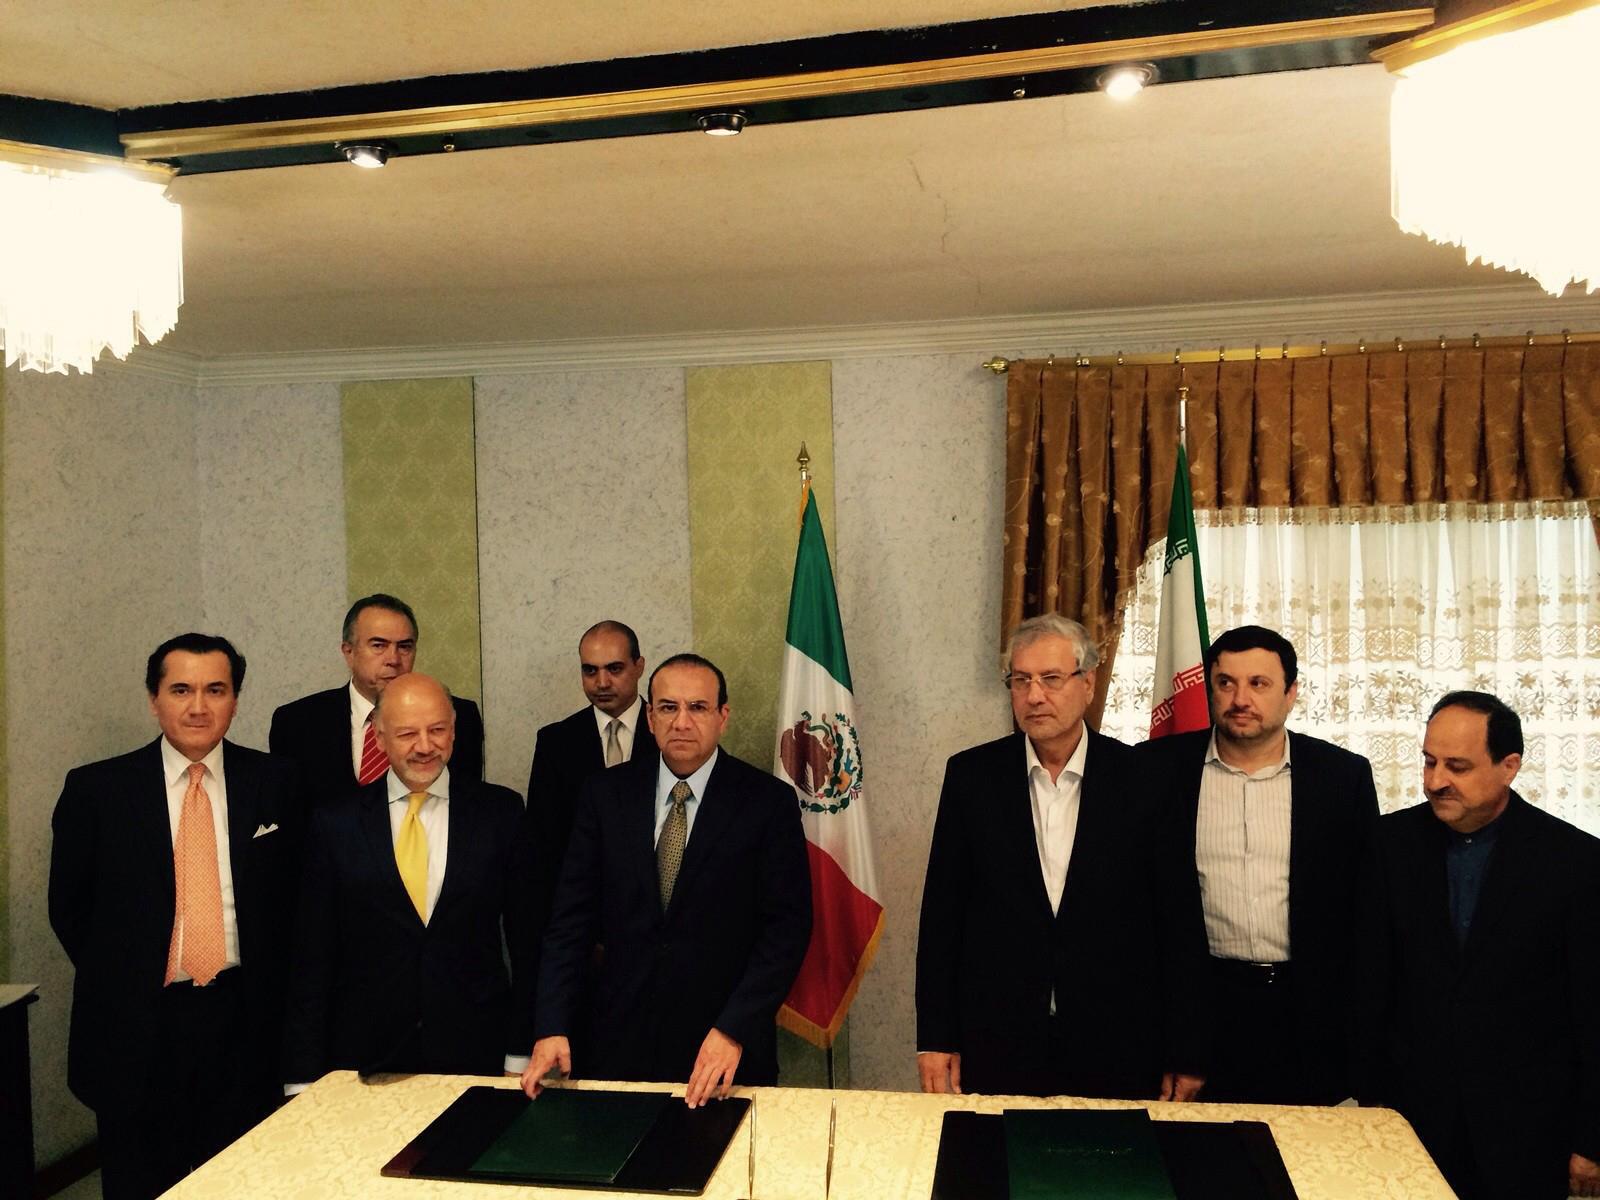 La Secretaría del Trabajo y Previsión Social (STPS) y el Ministerio de Cooperativas, Trabajo y Bienestar Social de la República Islámica de Irán, firmaron un Memorándum de Entendimiento bilateral en materia laboral.